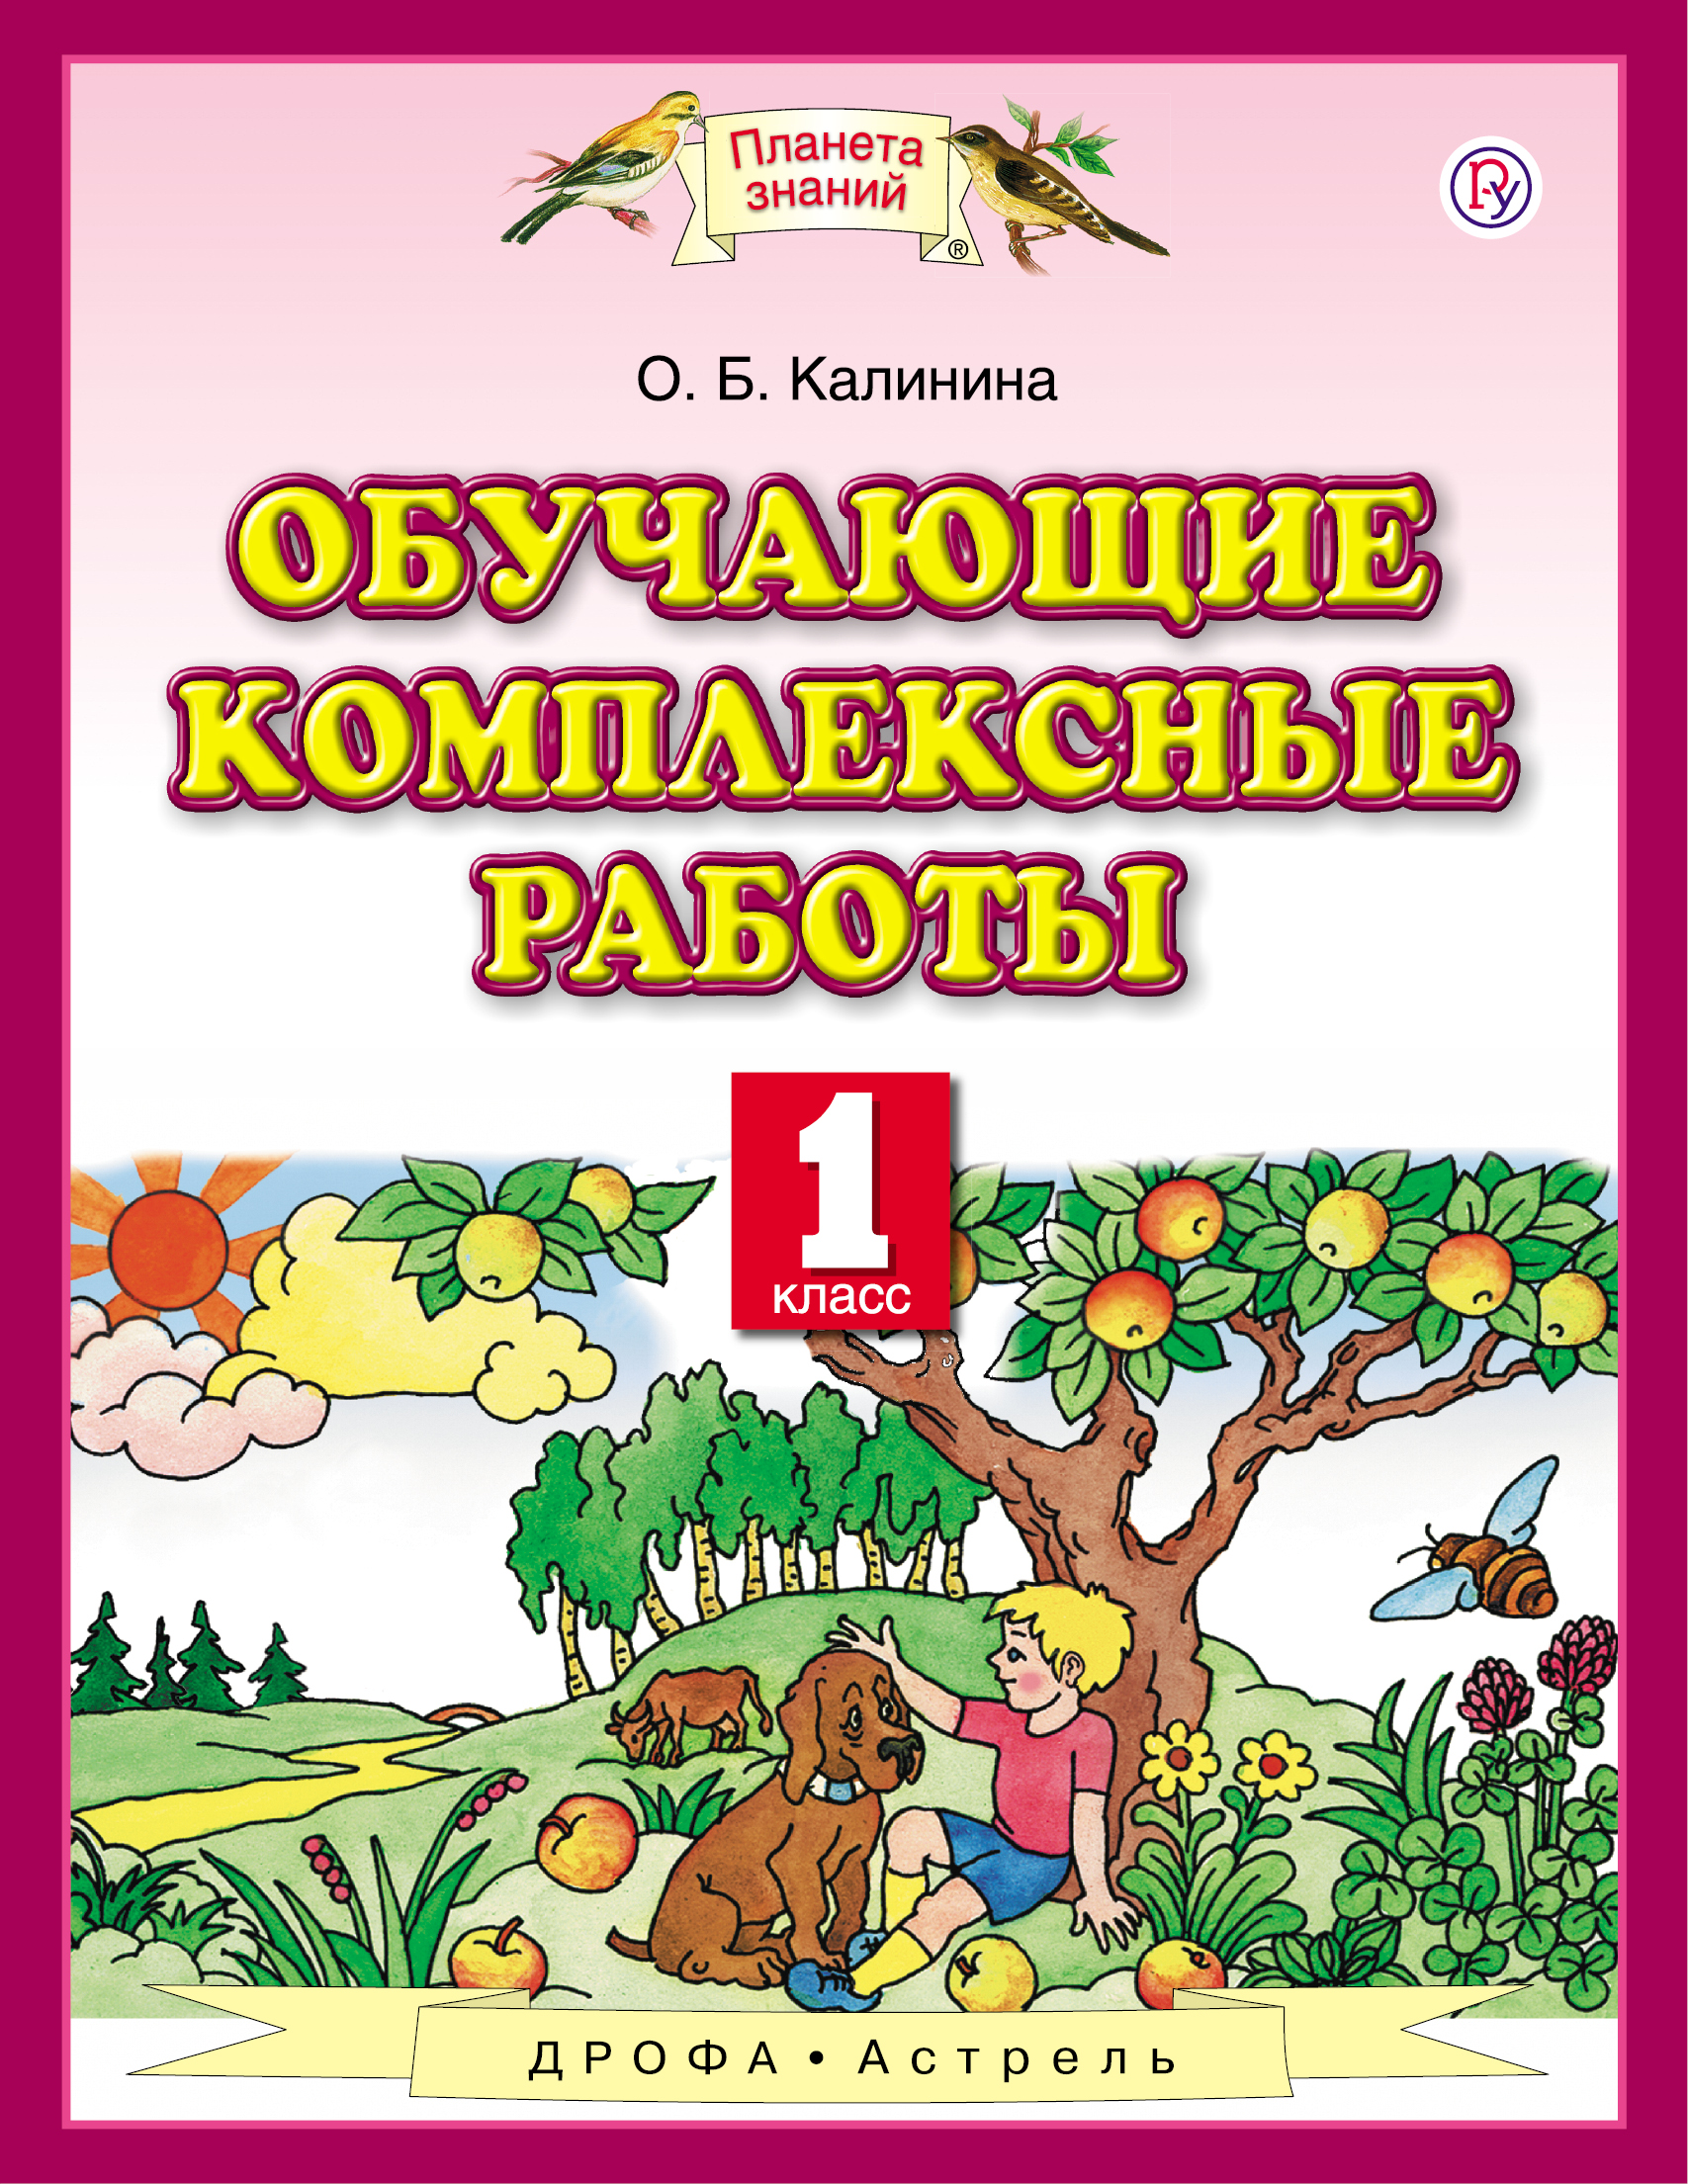 Обучающие комплексные работы. 1 класс ( Калинина О.Б.  )